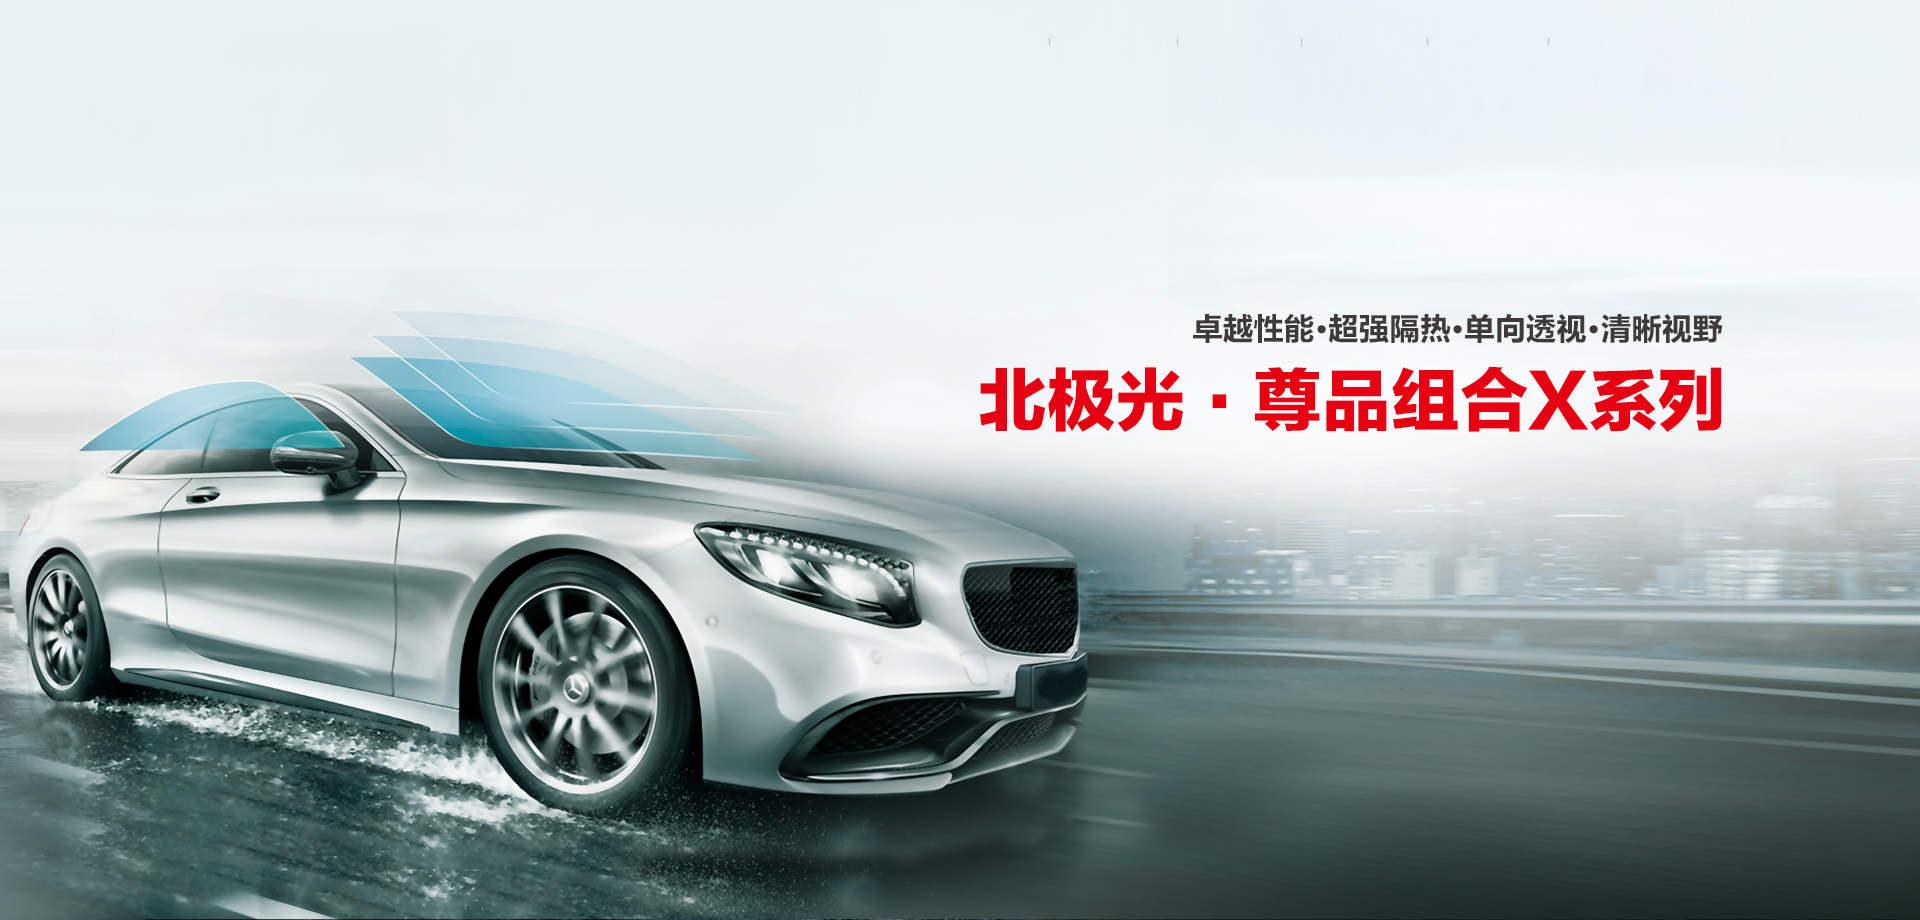 汽车隔热膜,汽车漆面保护膜,汽车窗膜